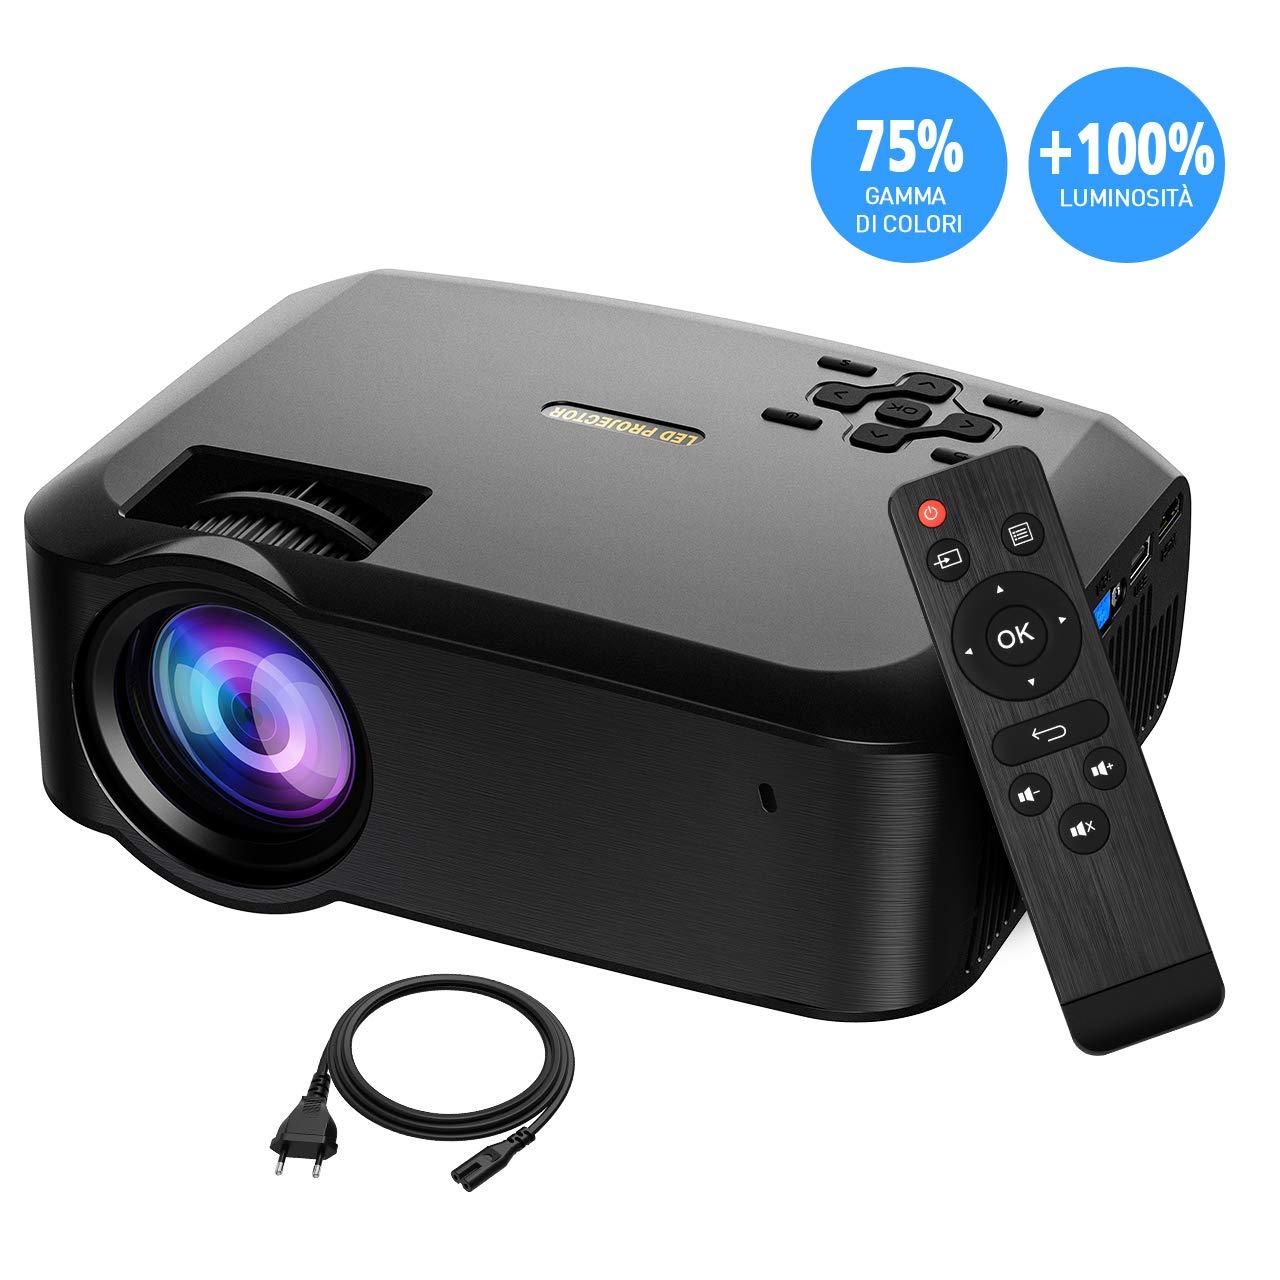 Proiettore LED Portatile Full HD 1080P 3200 Luminosità Superiore, Supporto per Correzione Trapezoidale Verticale 1280P e ± 45°, Inclusione del Supporto Triangolare e Porte MicroSD USB VGA AV HDMI Aitop